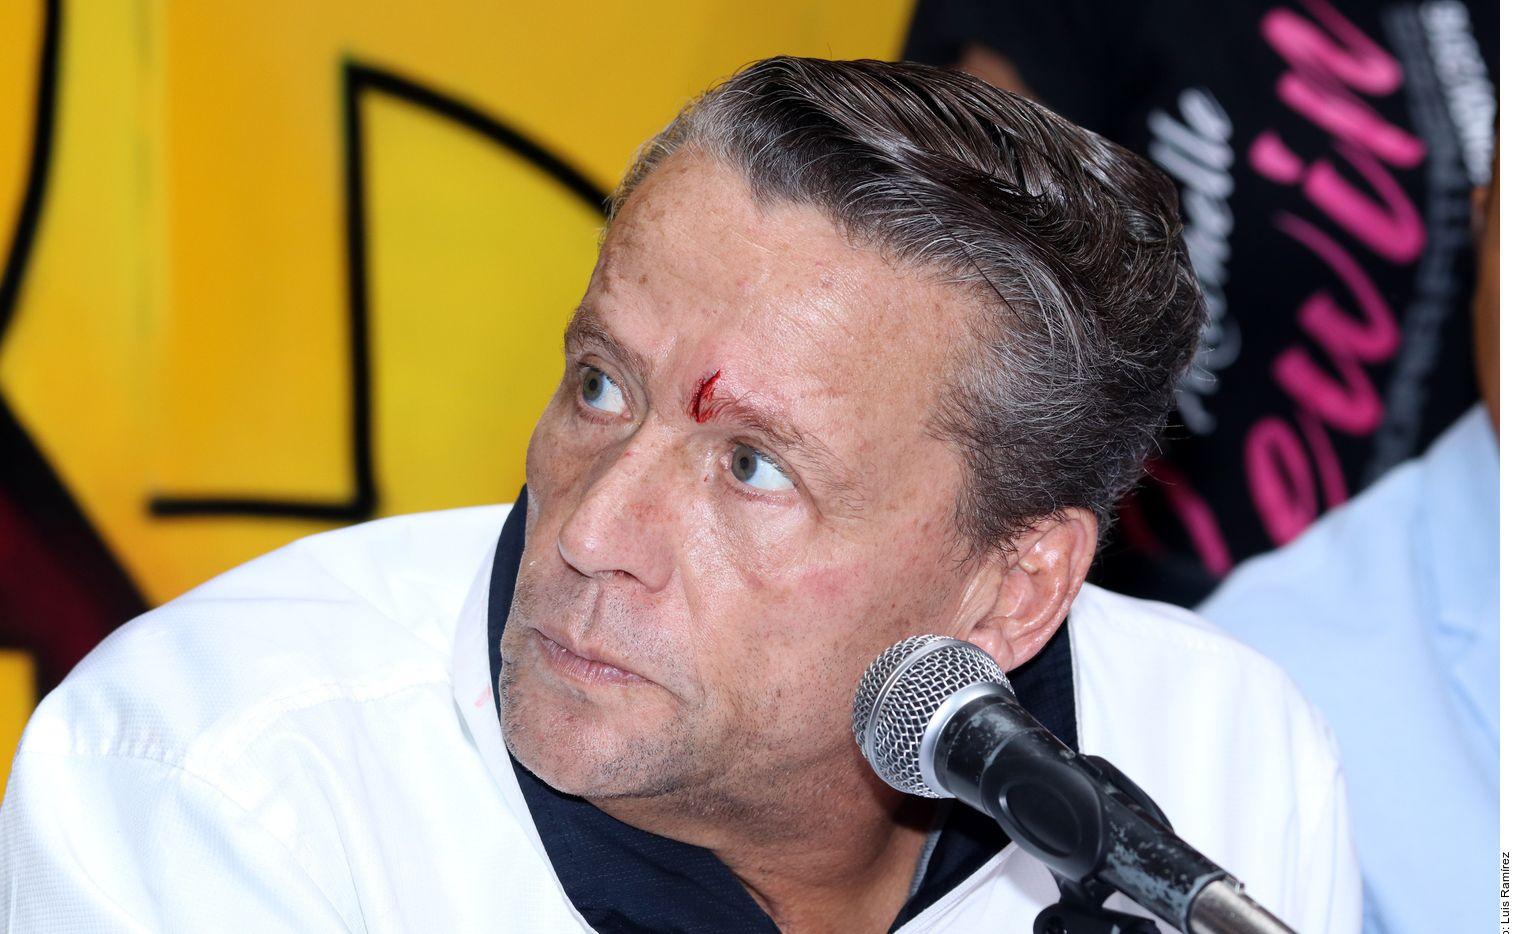 Durante la conferencia, Adame fue golpeado con una botella por Trejo.